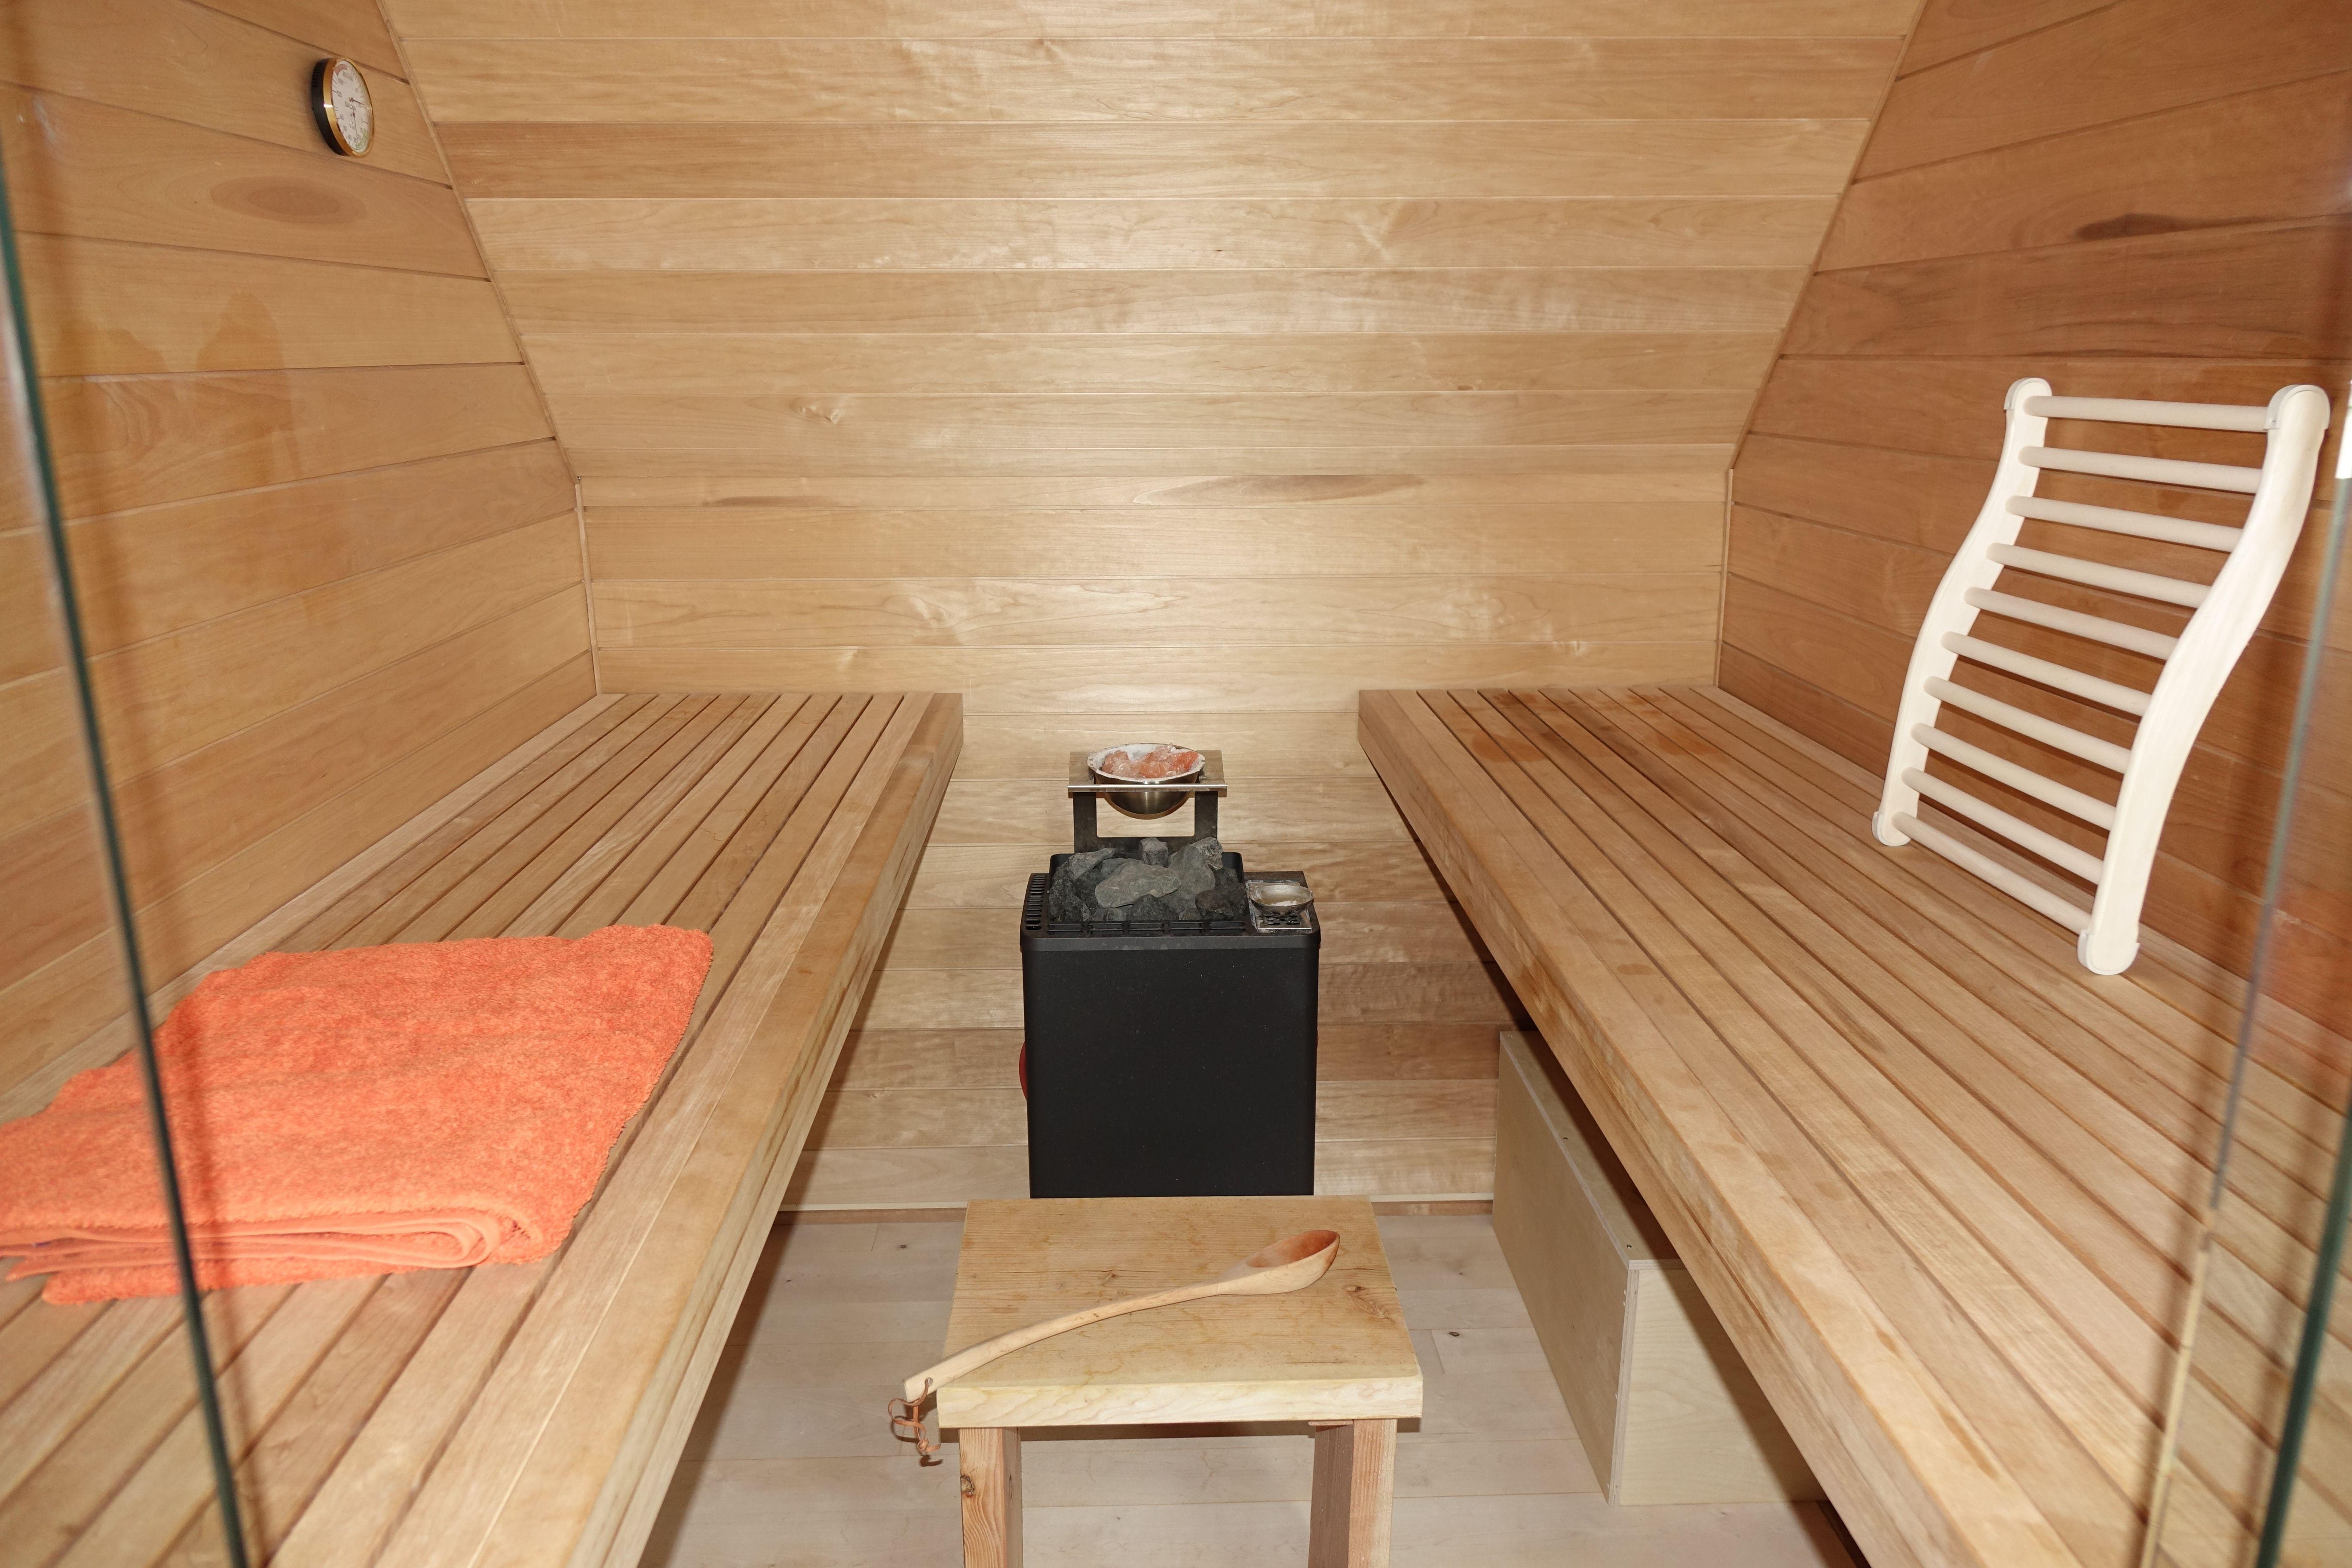 VOGEL Wohn(t)äume In Holz   Sauna Auf Kleinem Raum In Dachschräge  Eingepasste